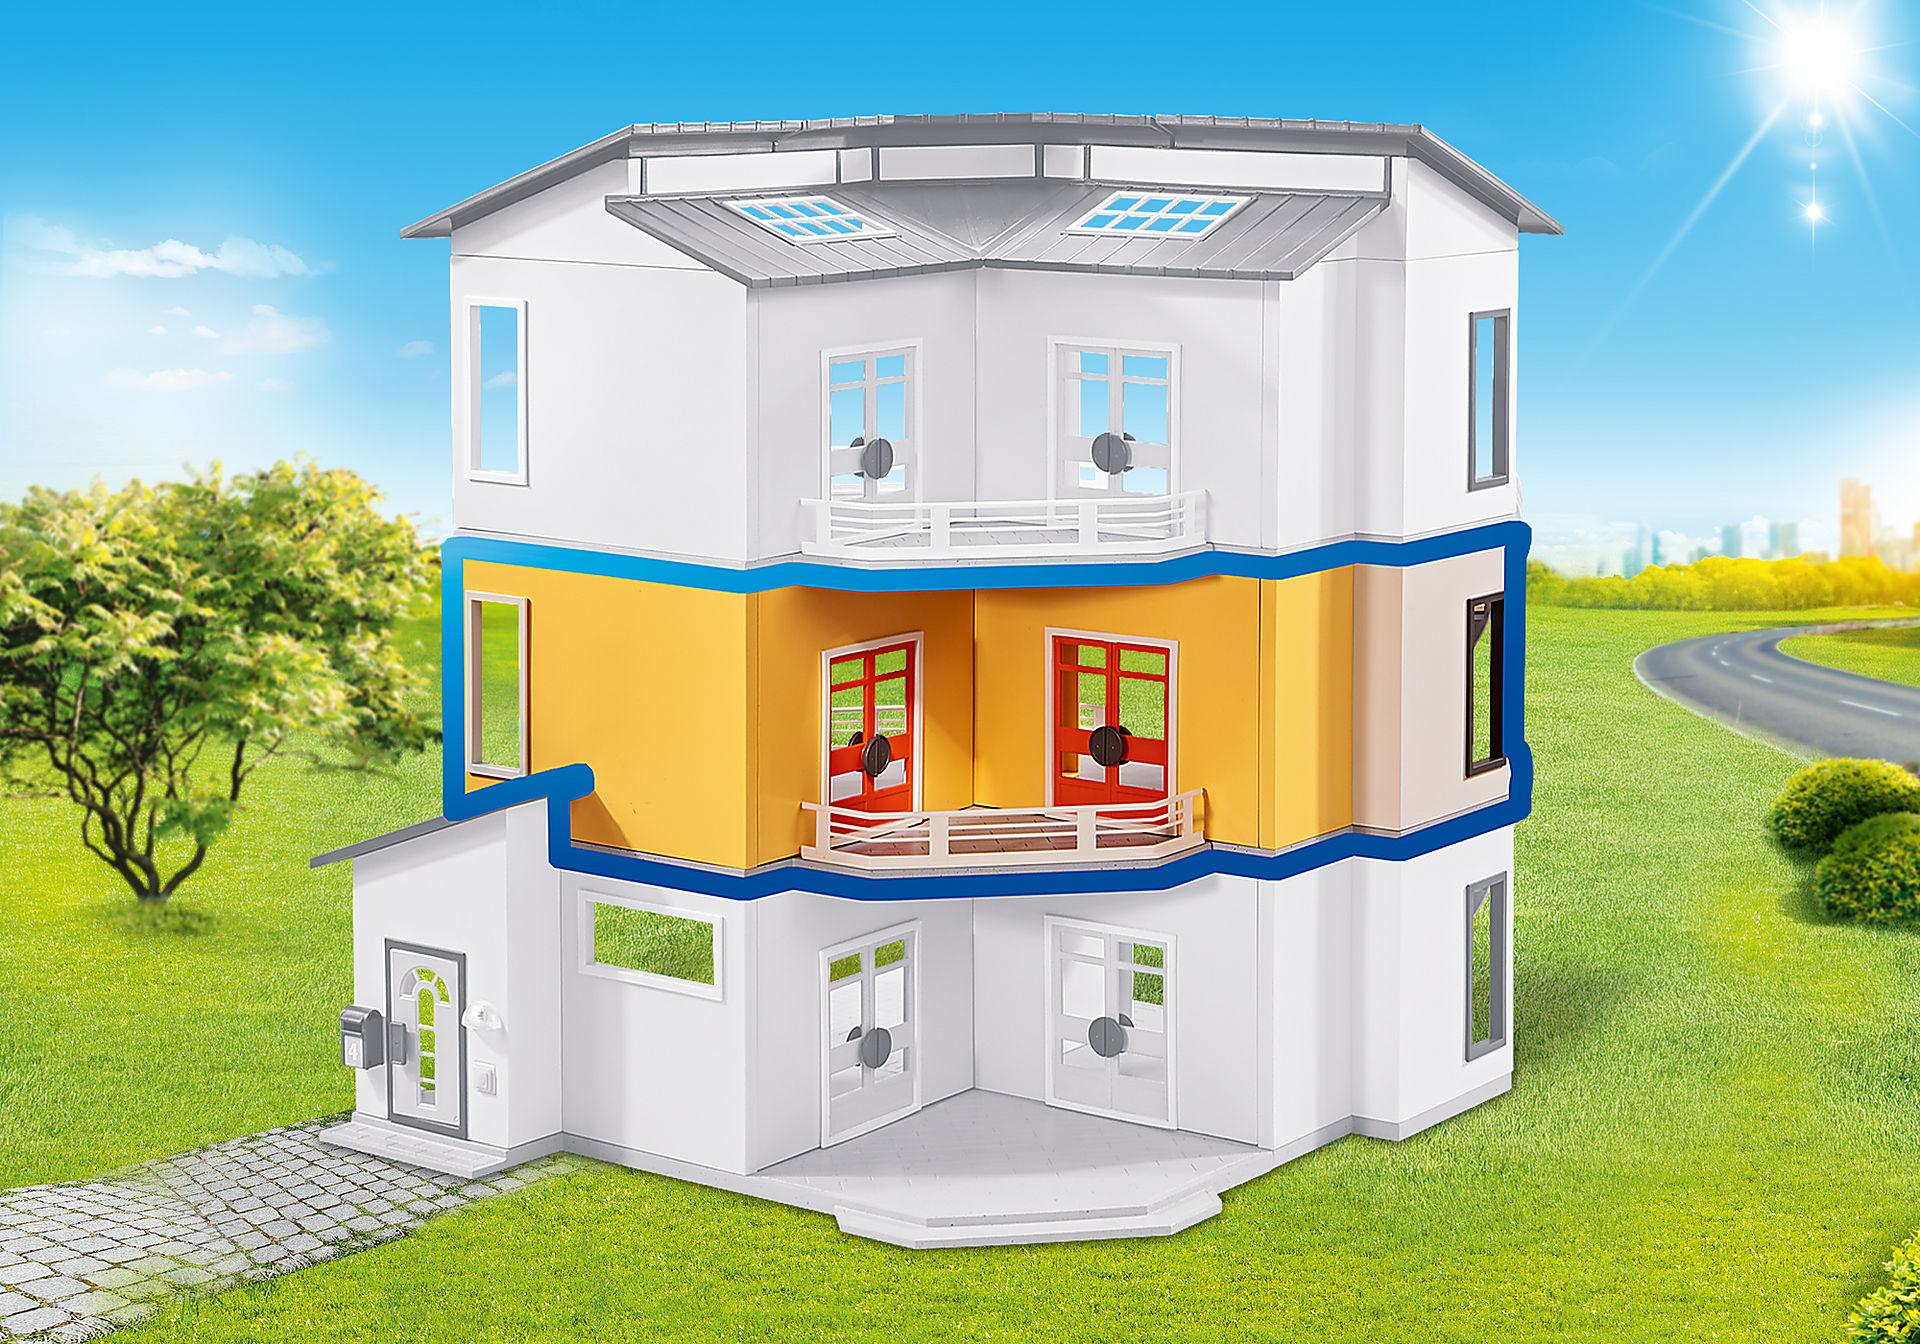 6554 Dodatkowe piętro nowoczesnego domu zoom image1